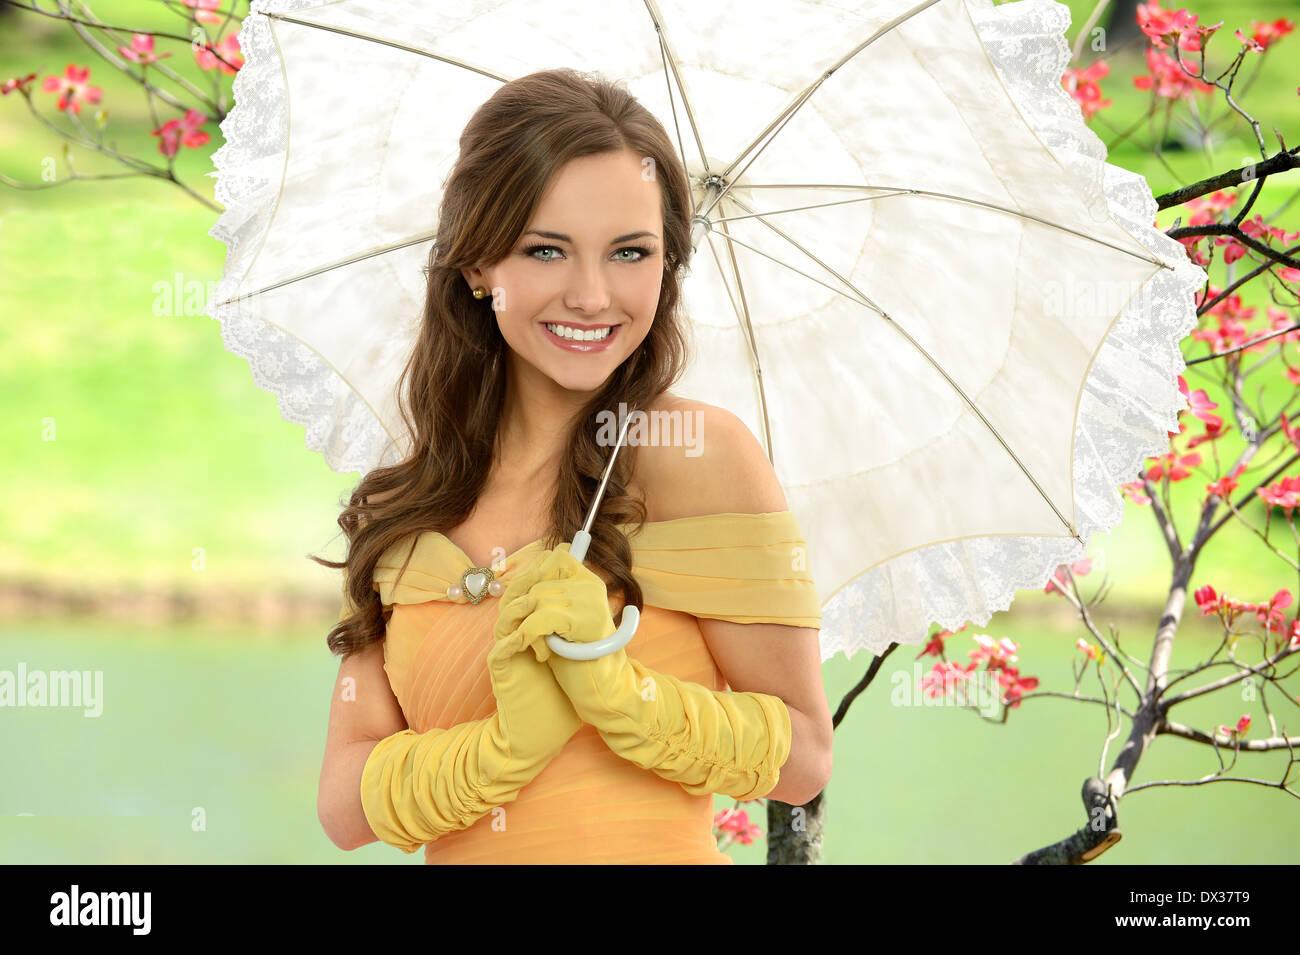 Portrait de jeune femme en robe victorienne holding Umbrella Outdoors Banque D'Images